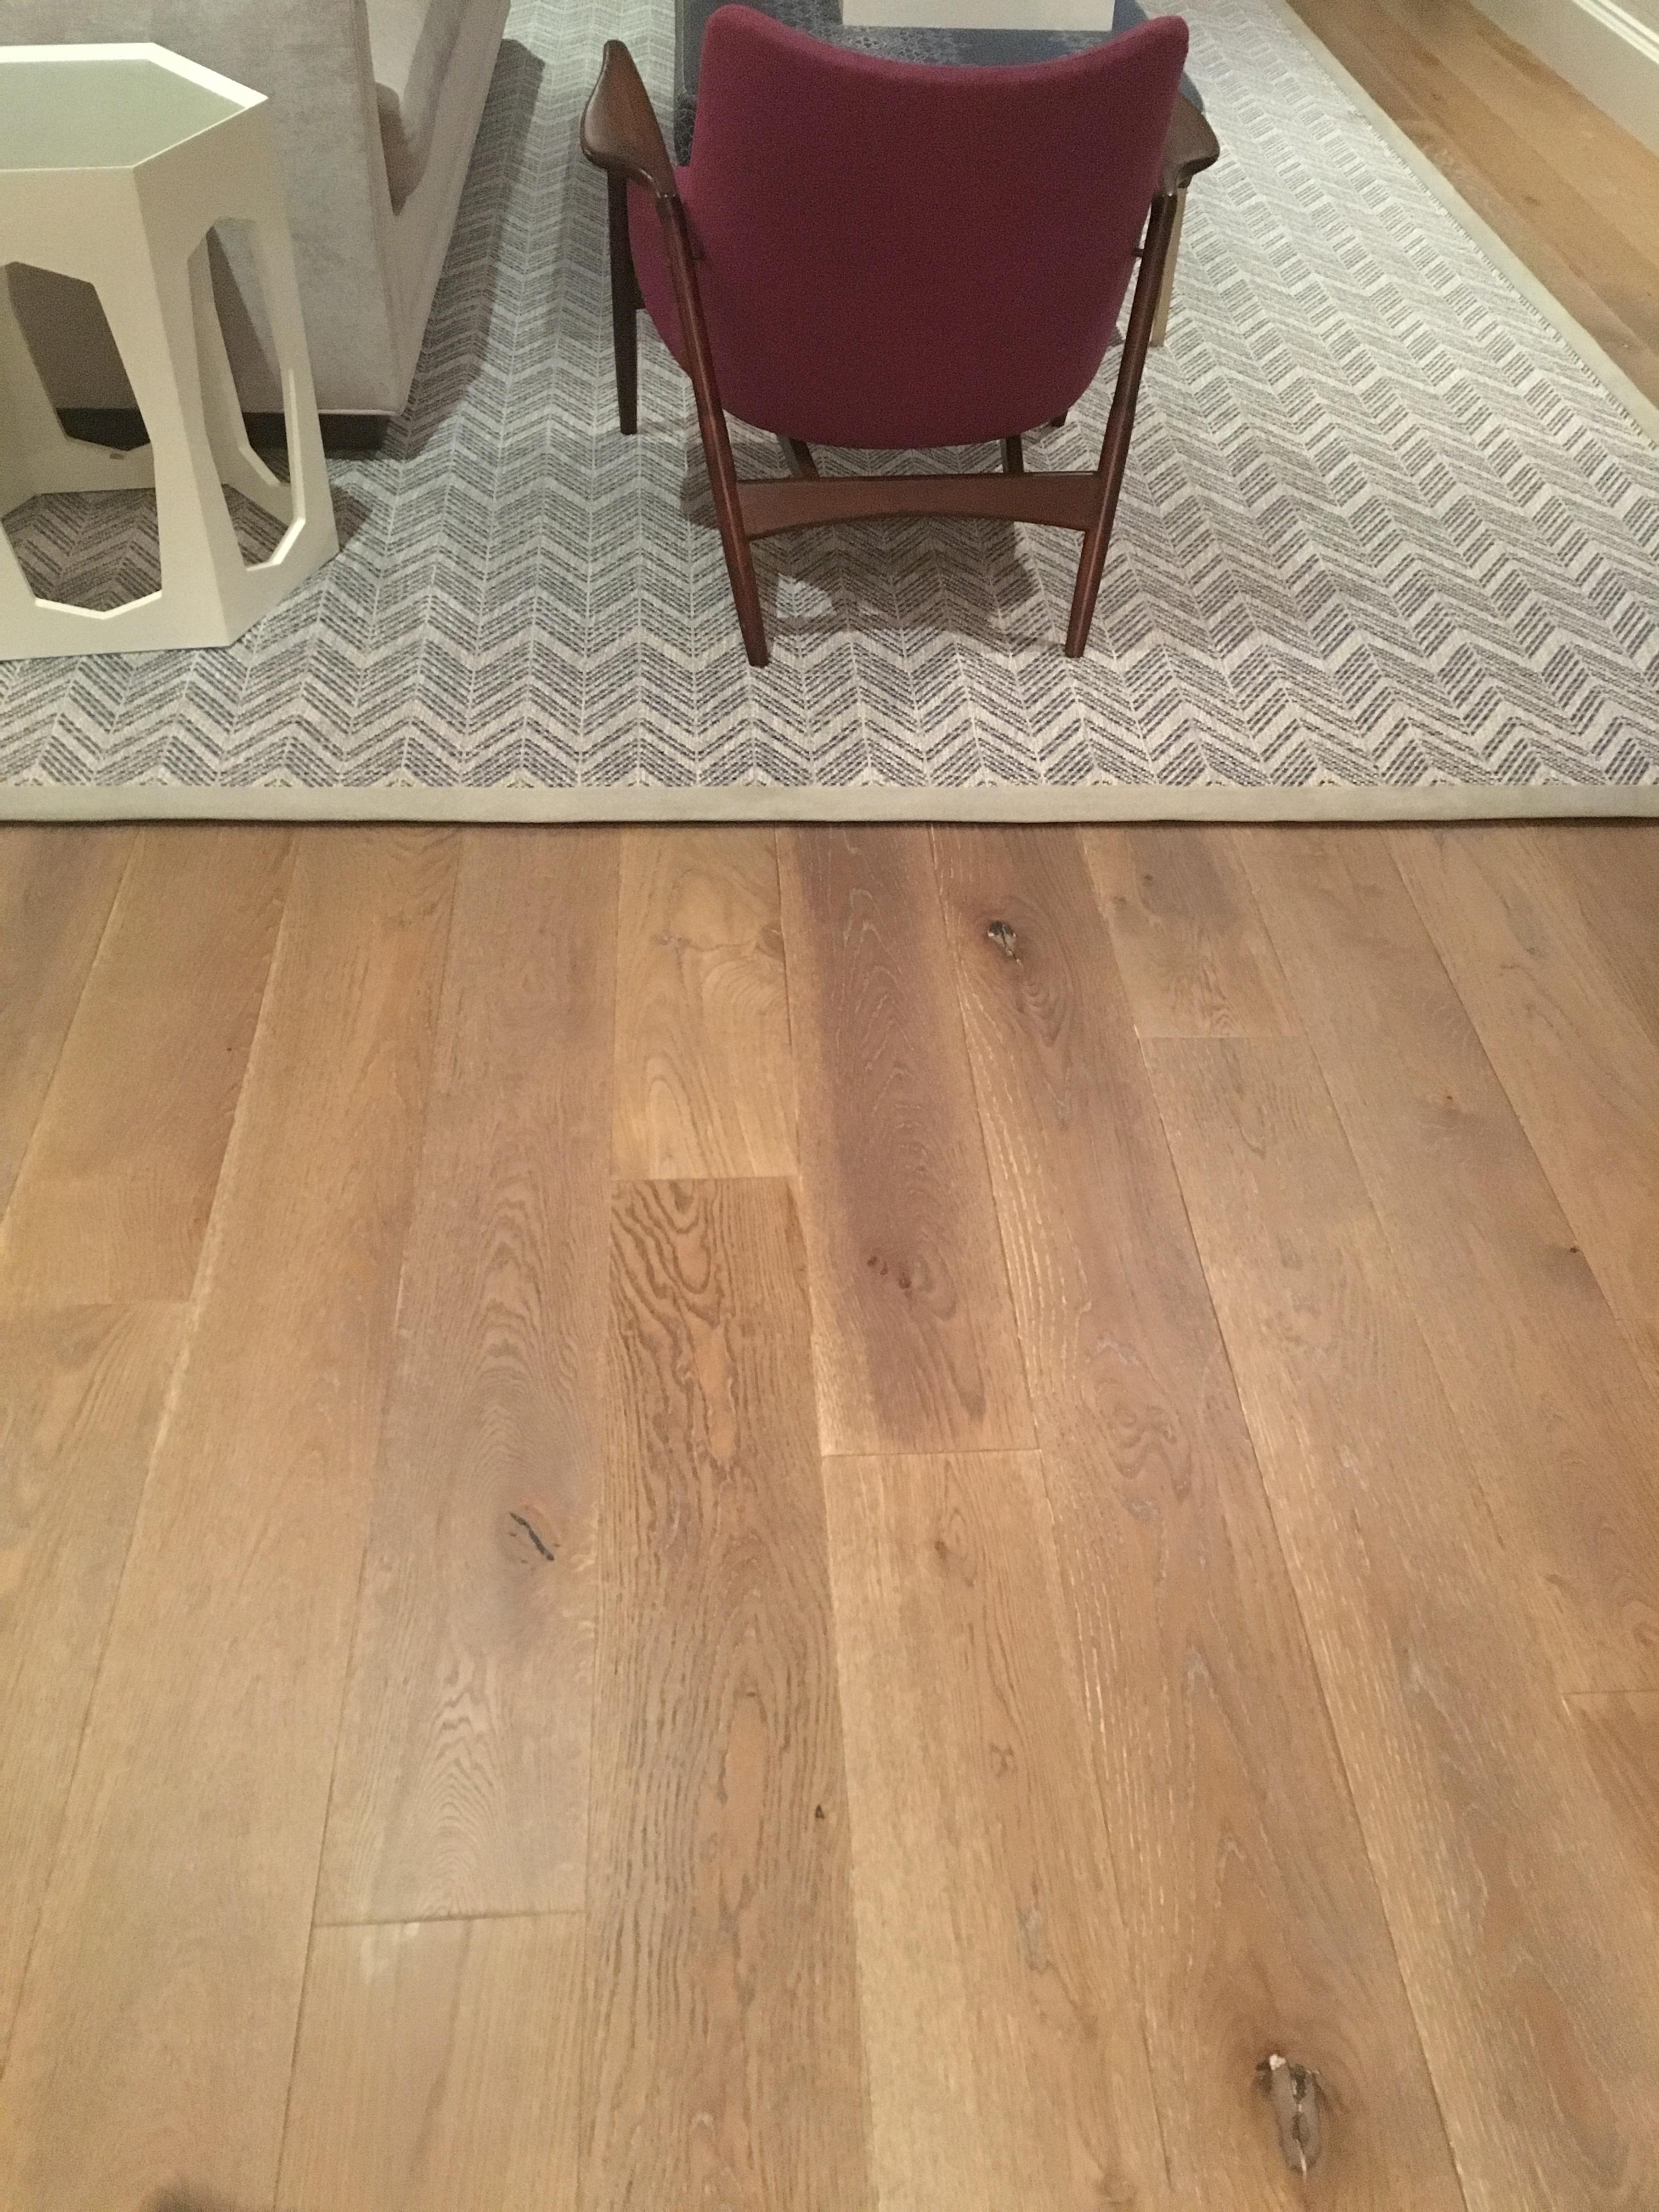 Harvest White Oak Flooring – Mountain Lumber pany